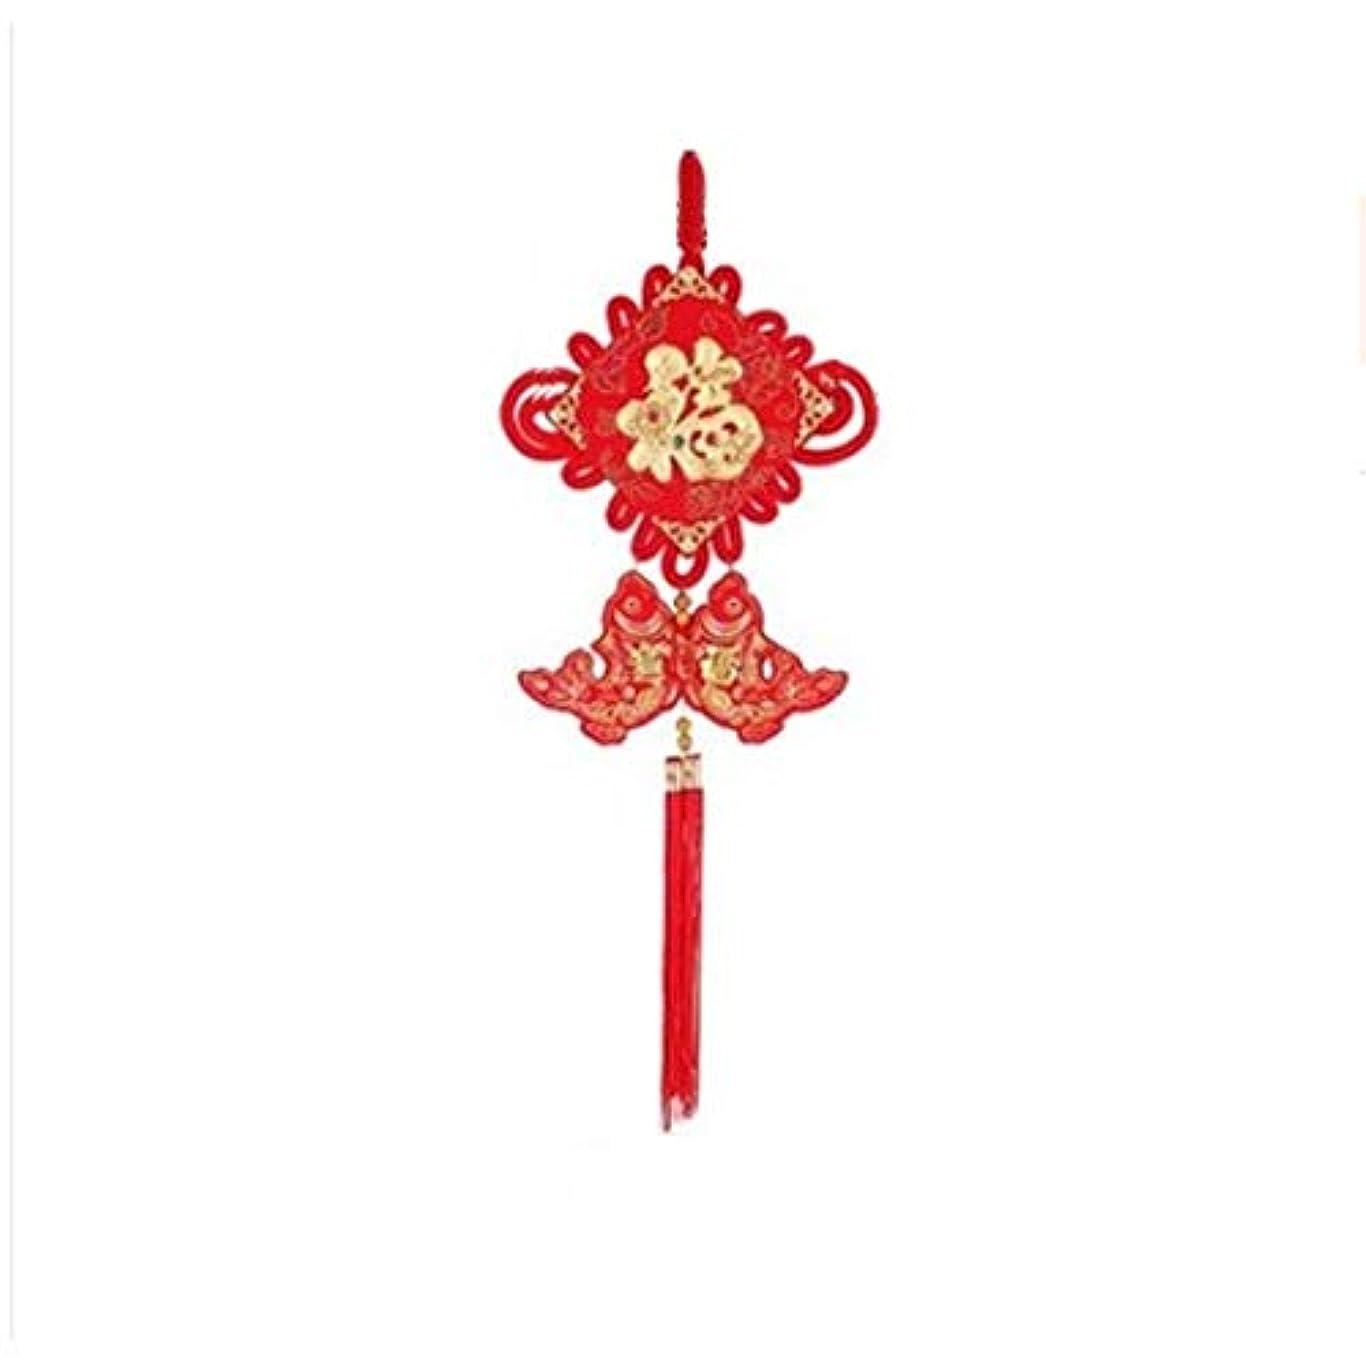 メドレー構成ローブFengshangshanghang 高品位の赤の祝福中国の結び目、中国の新年ぶら下げ装飾品、ギフト、家の装飾、赤,家の装飾 (Size : 80cm)